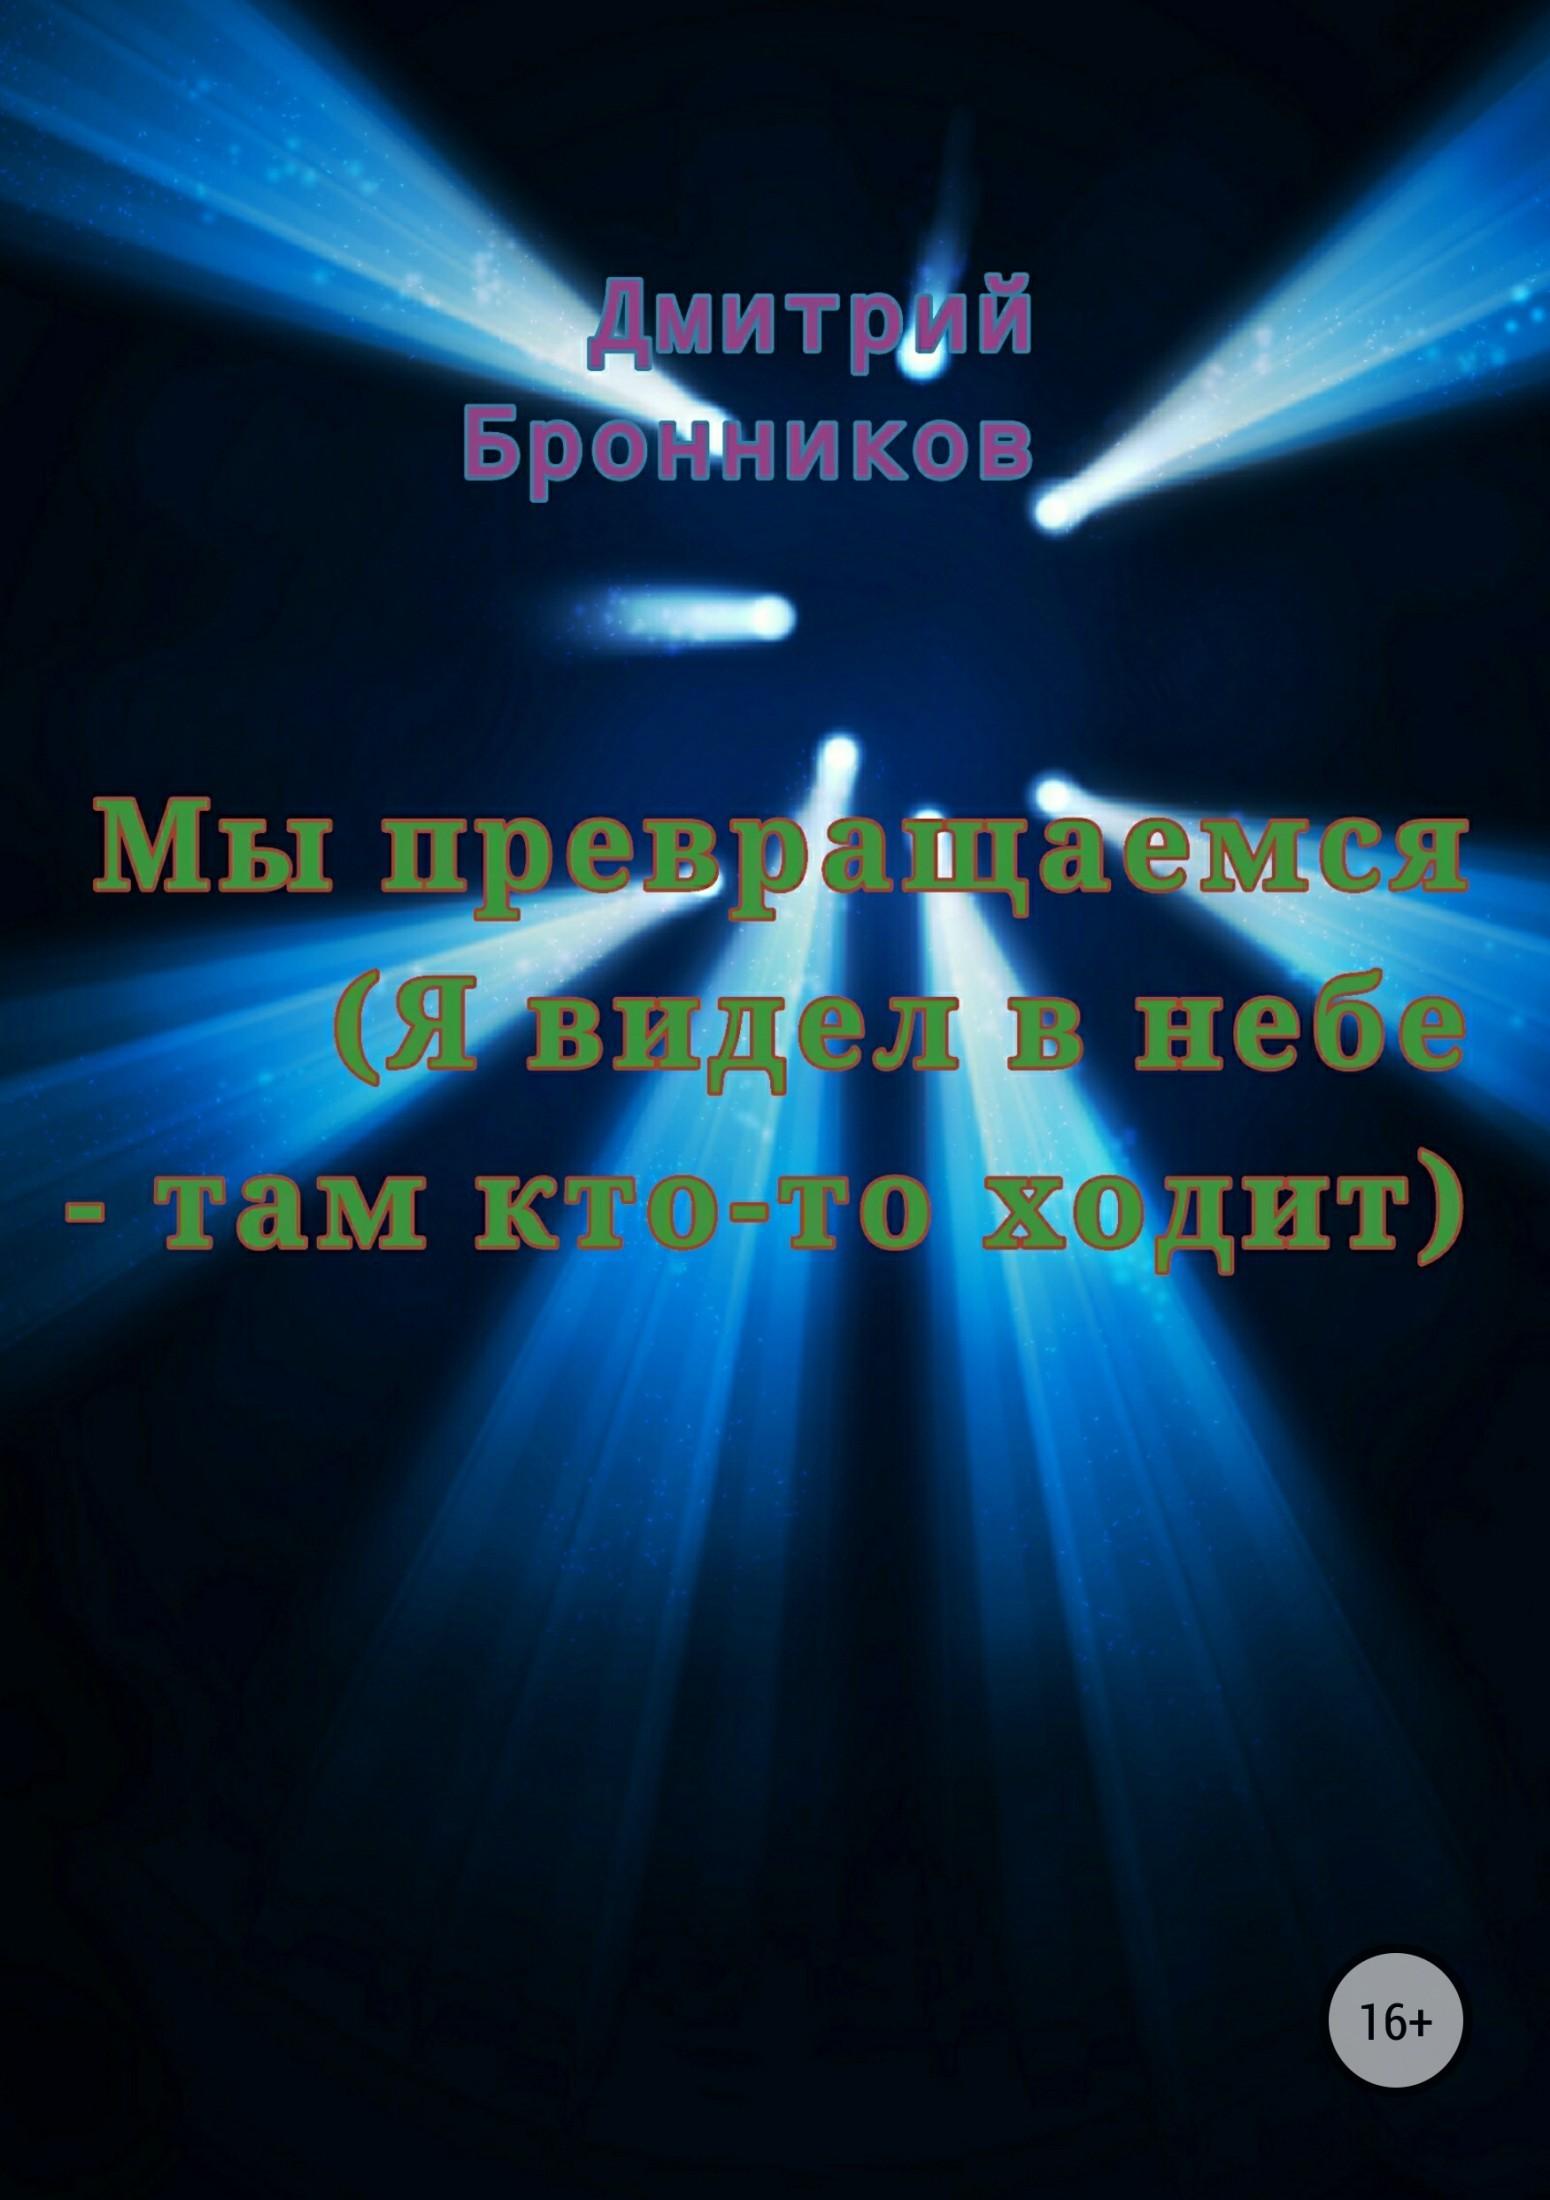 Дмитрий Бронников - Мы превращаемся (Я видел в небе – там кто-то ходит)